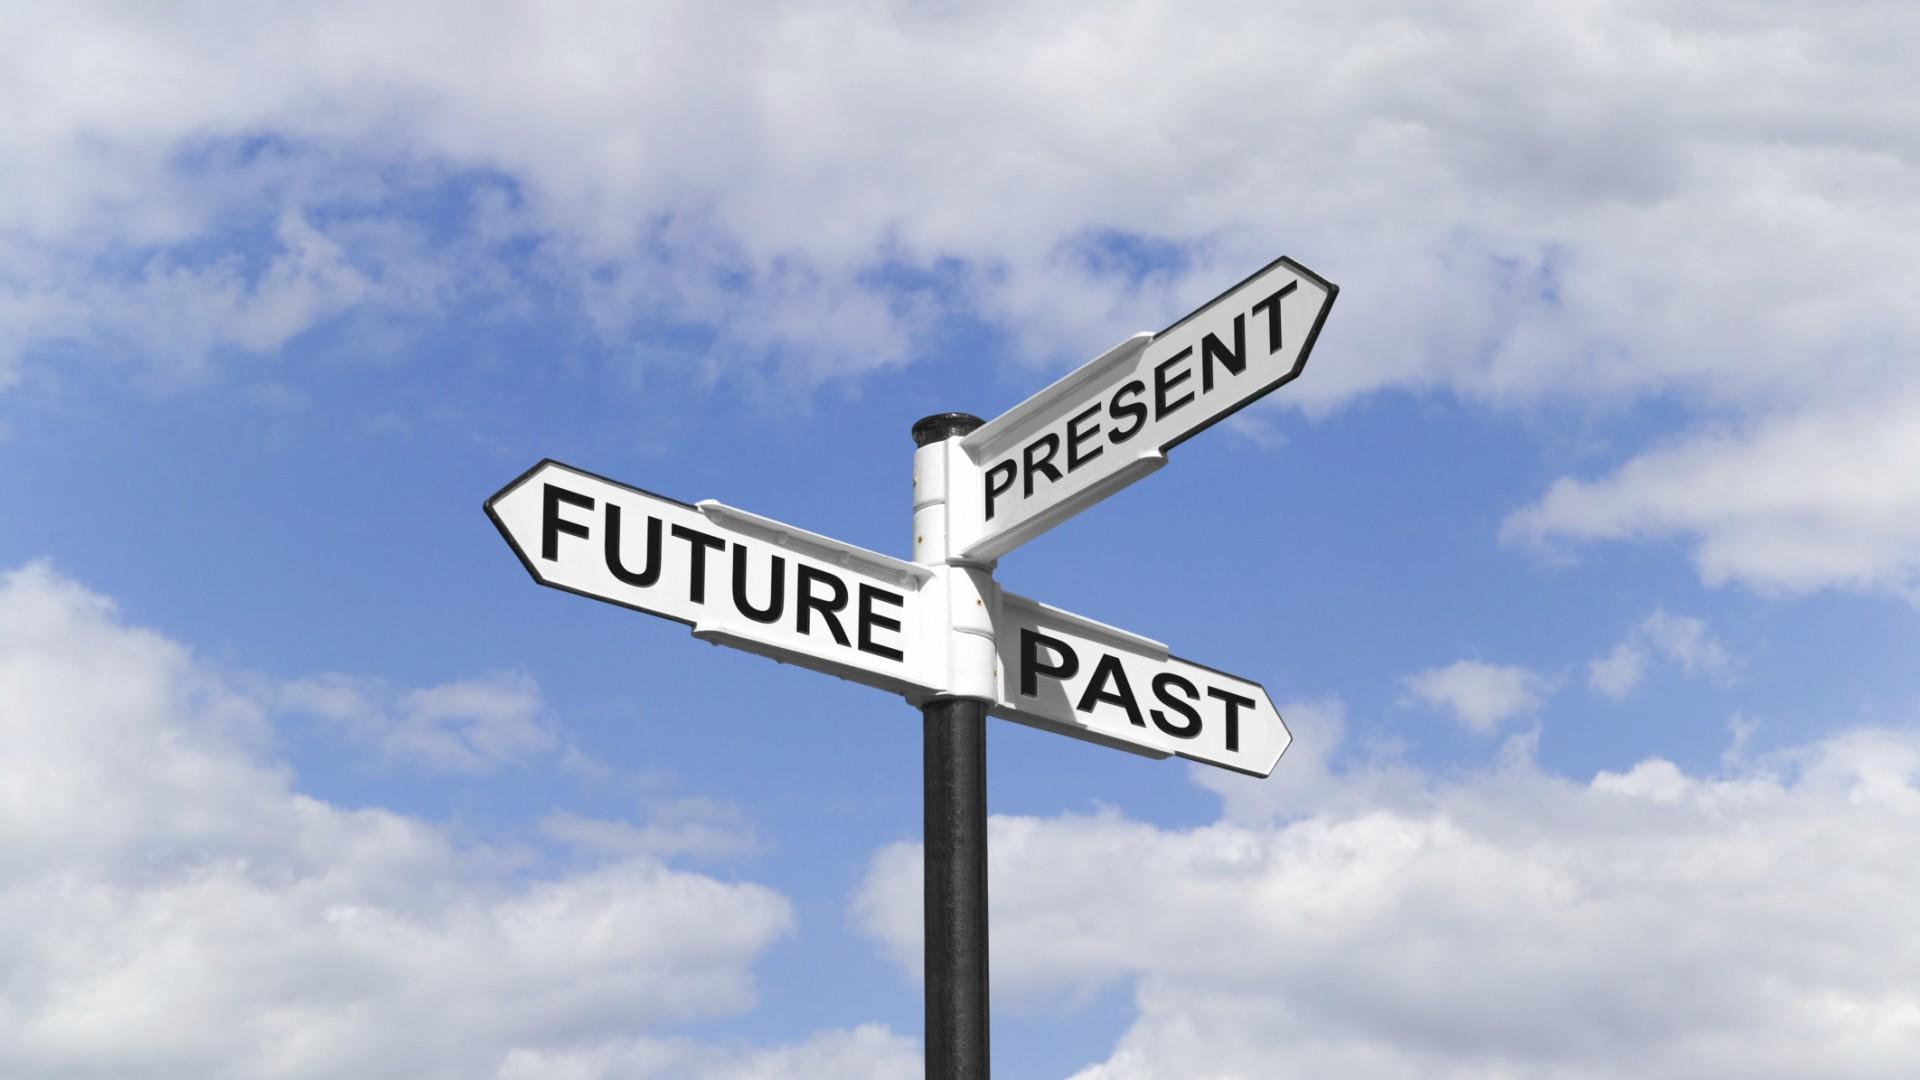 Impariamo come affrontare i cambiamenti che la vita ci offre